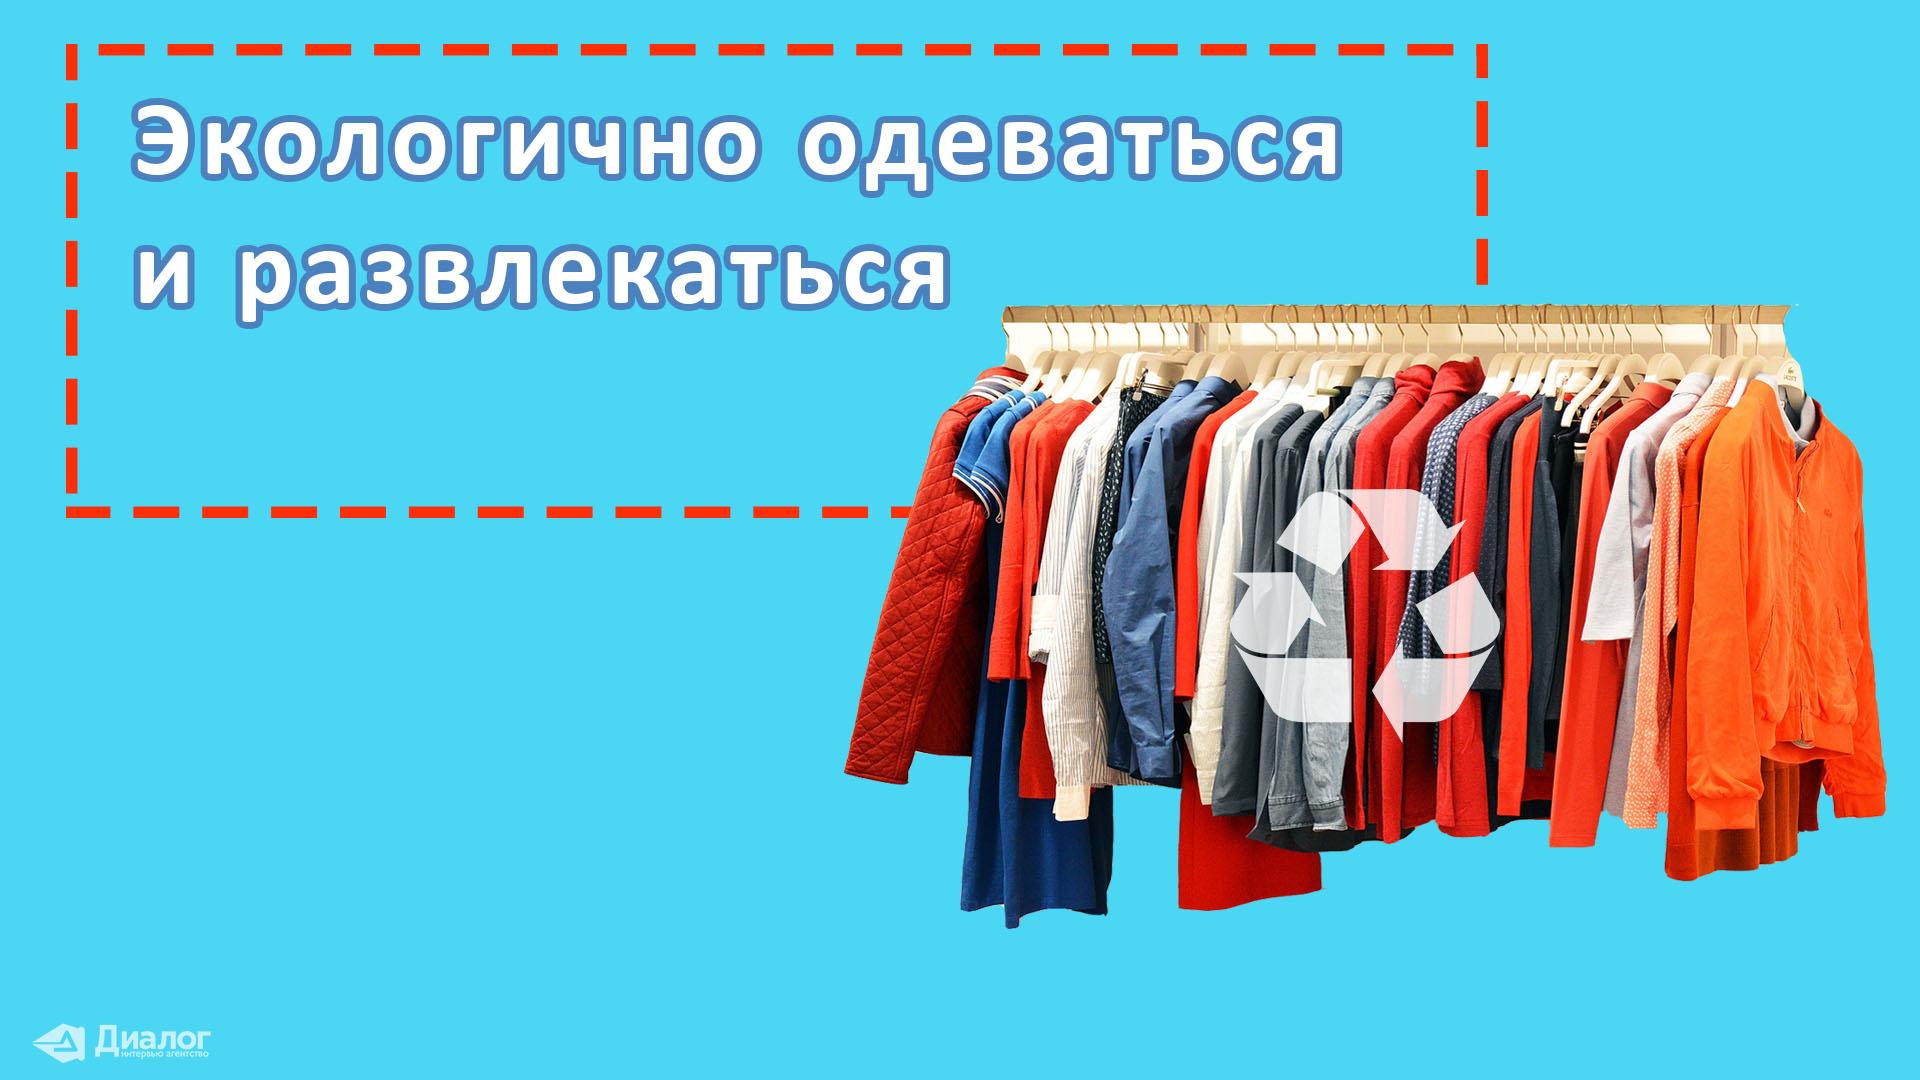 эковечеринка, одежда